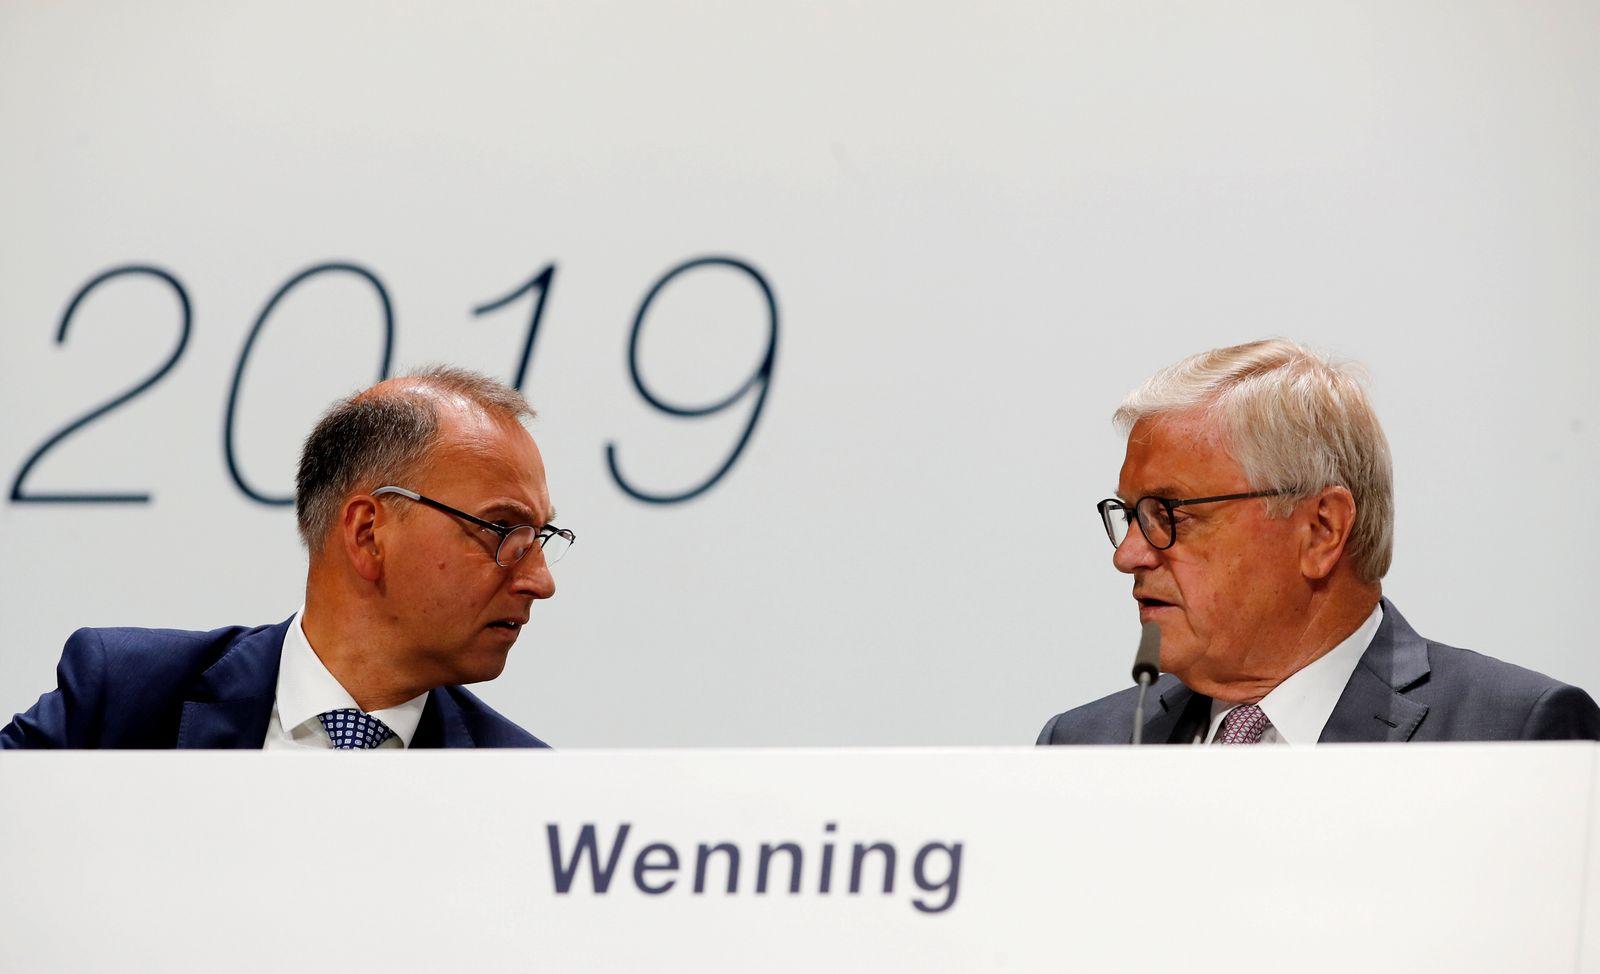 Werner Baumann / Werner Wenning